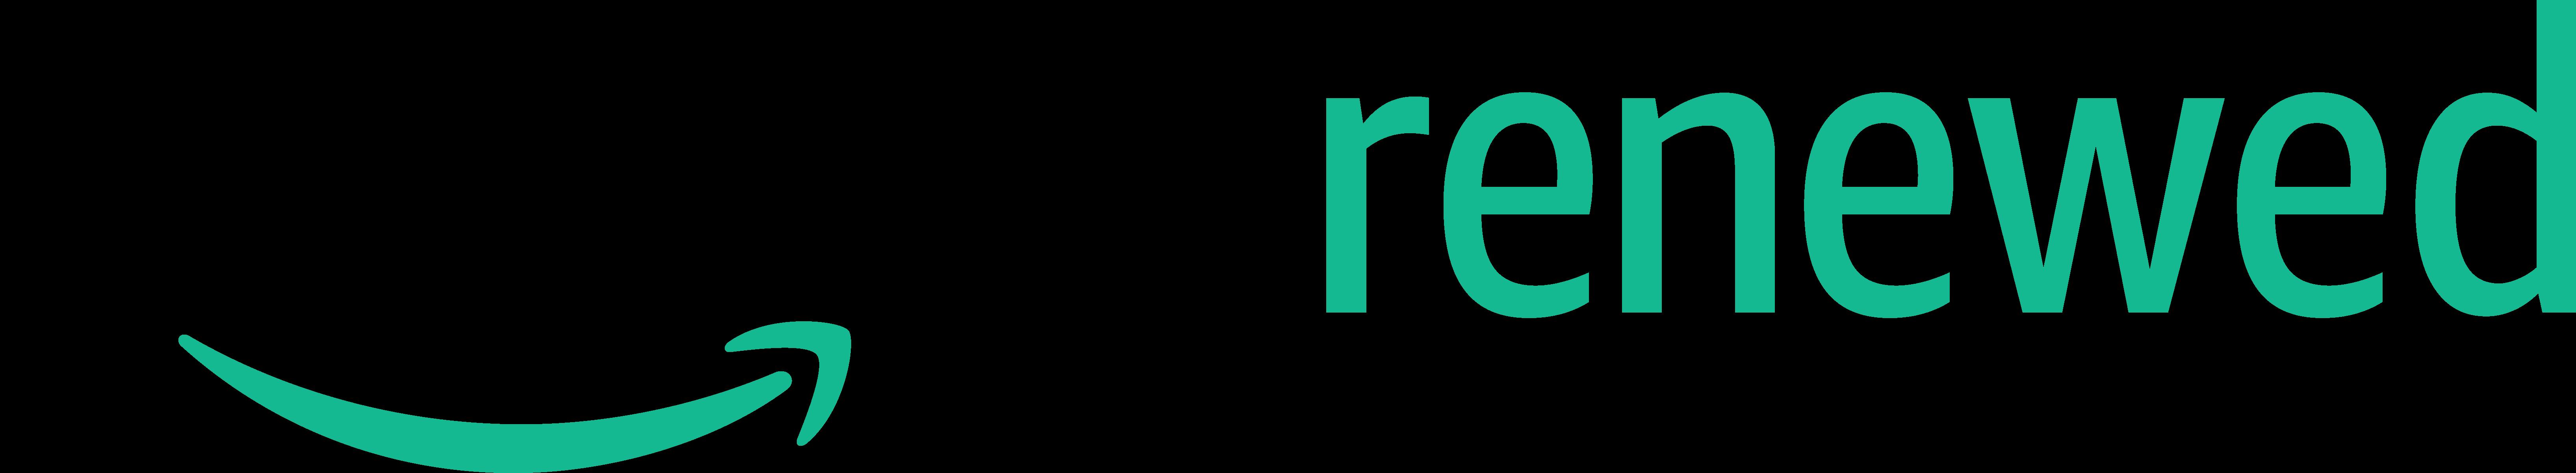 Vendez des produits certifies reconditionnés sur Amazon Renewed